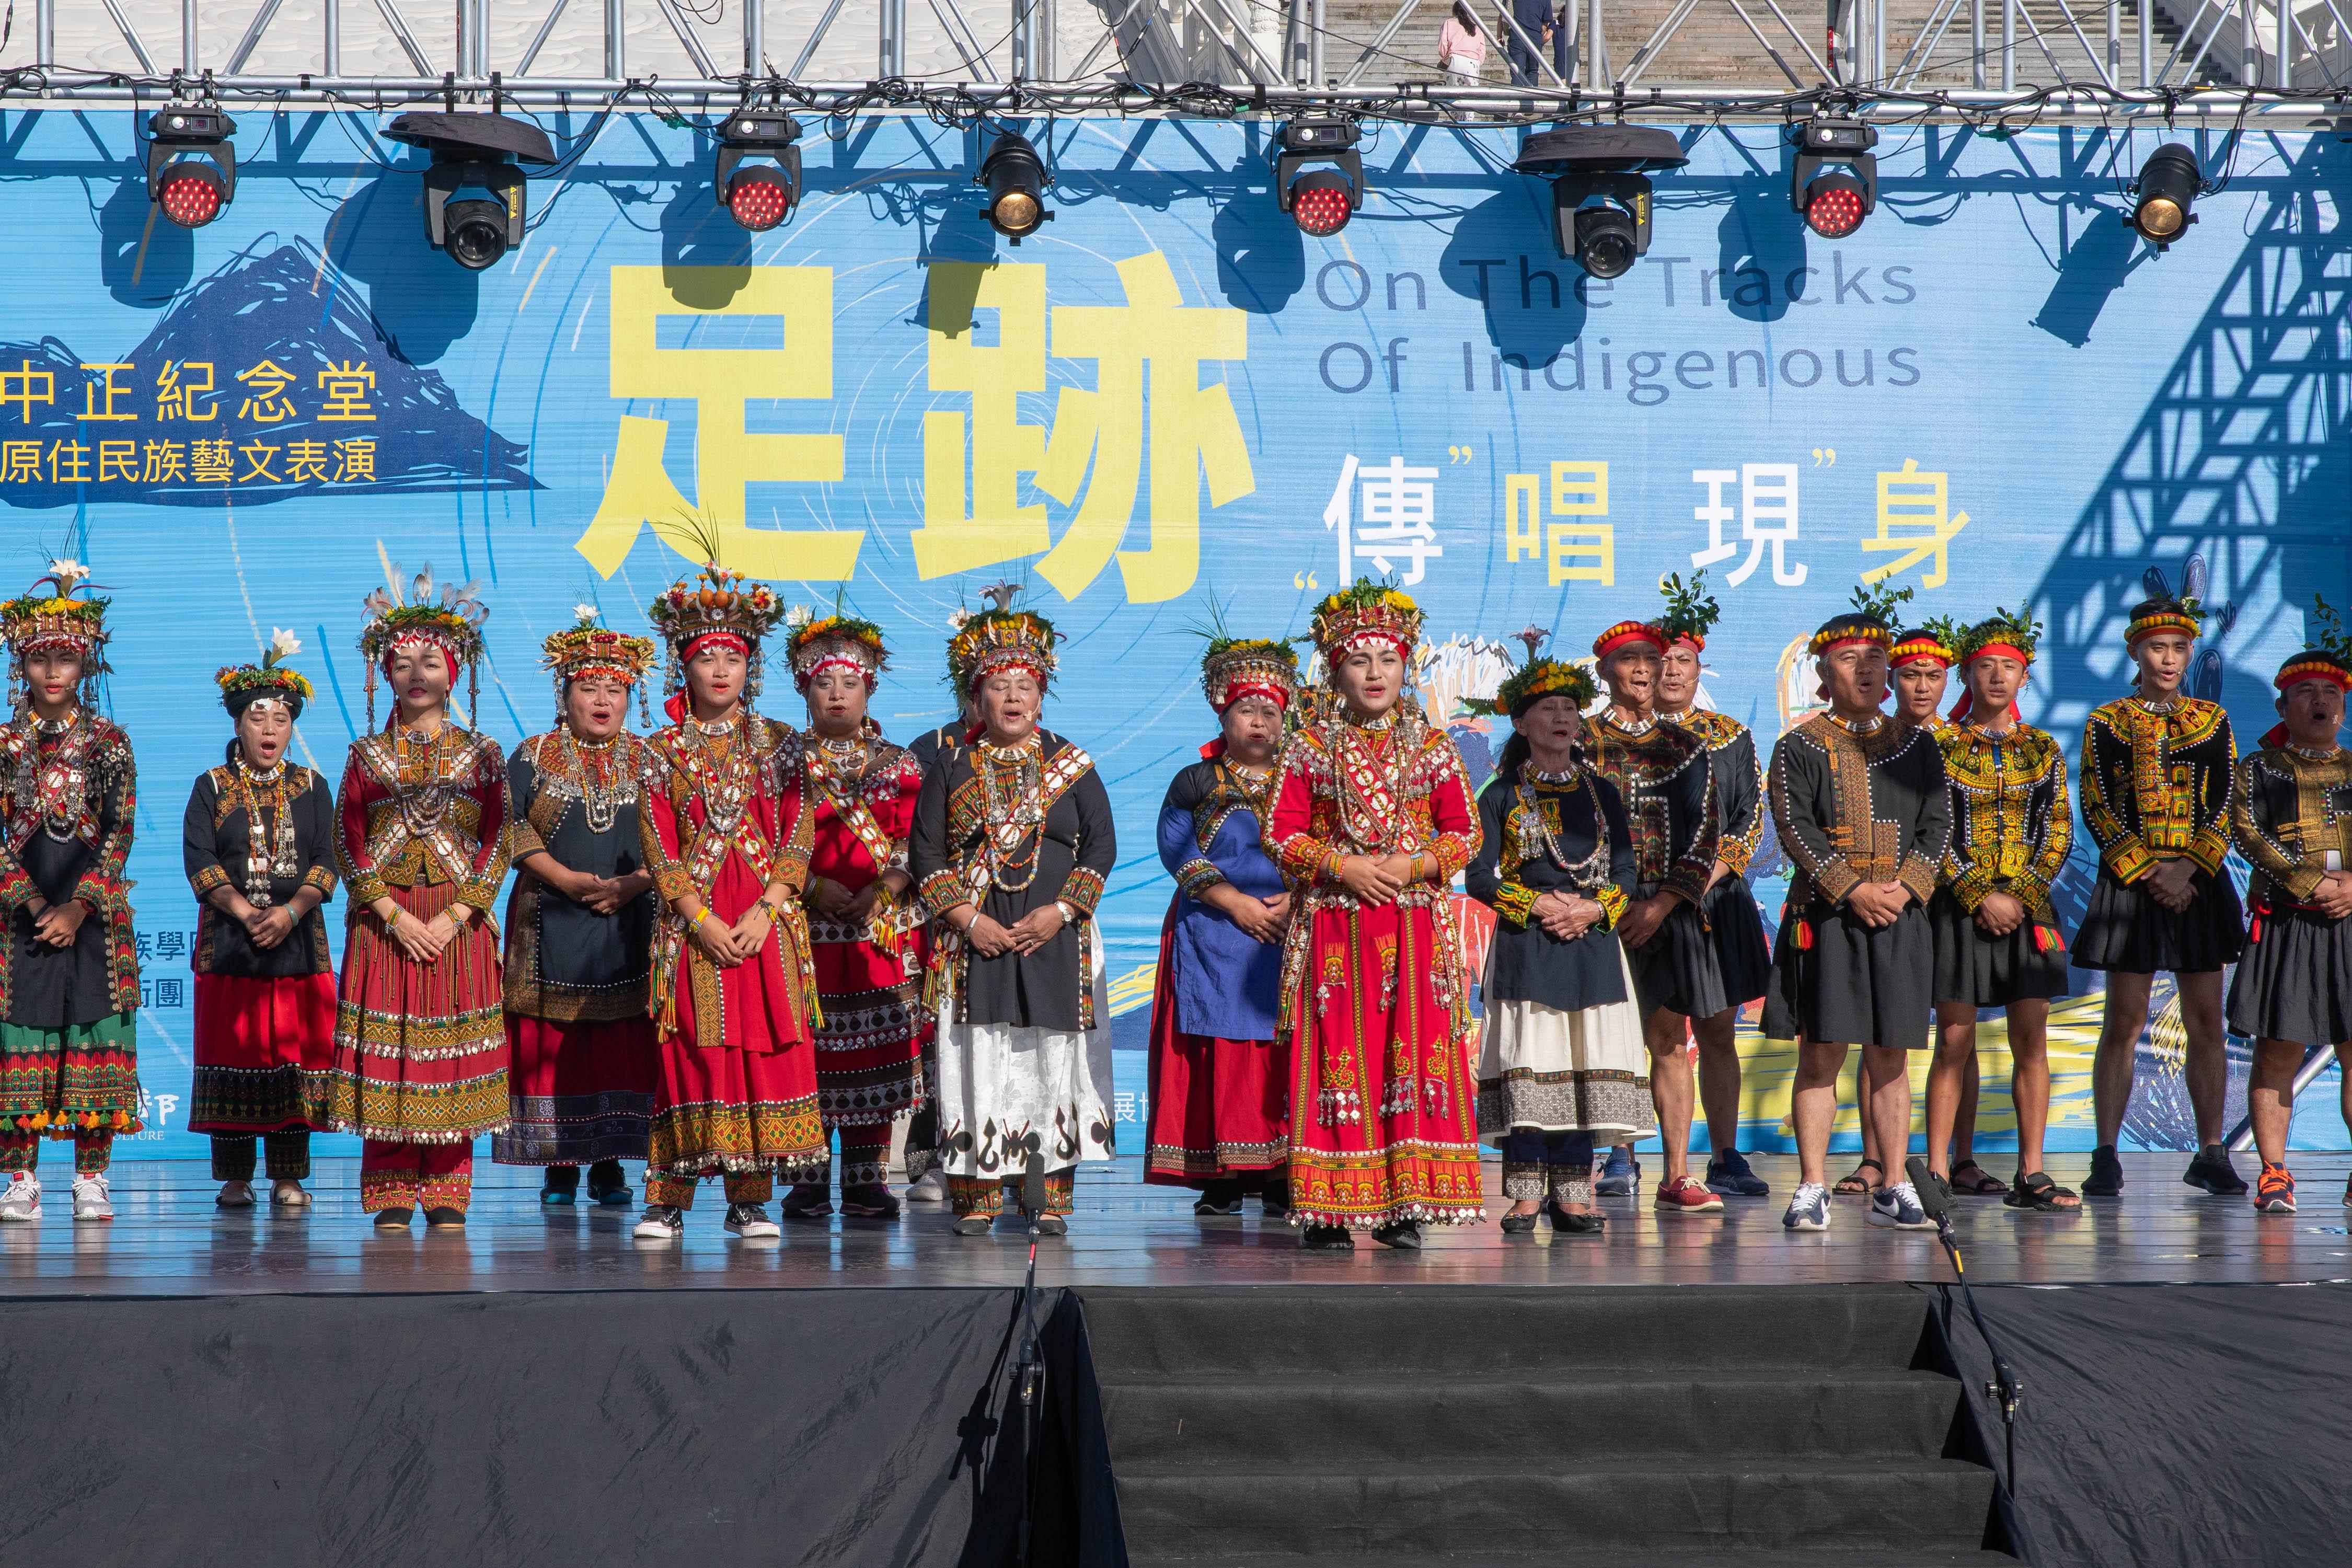 20190801原住民表演藝術「足跡」-安坡碇樂班文化藝術團演出02